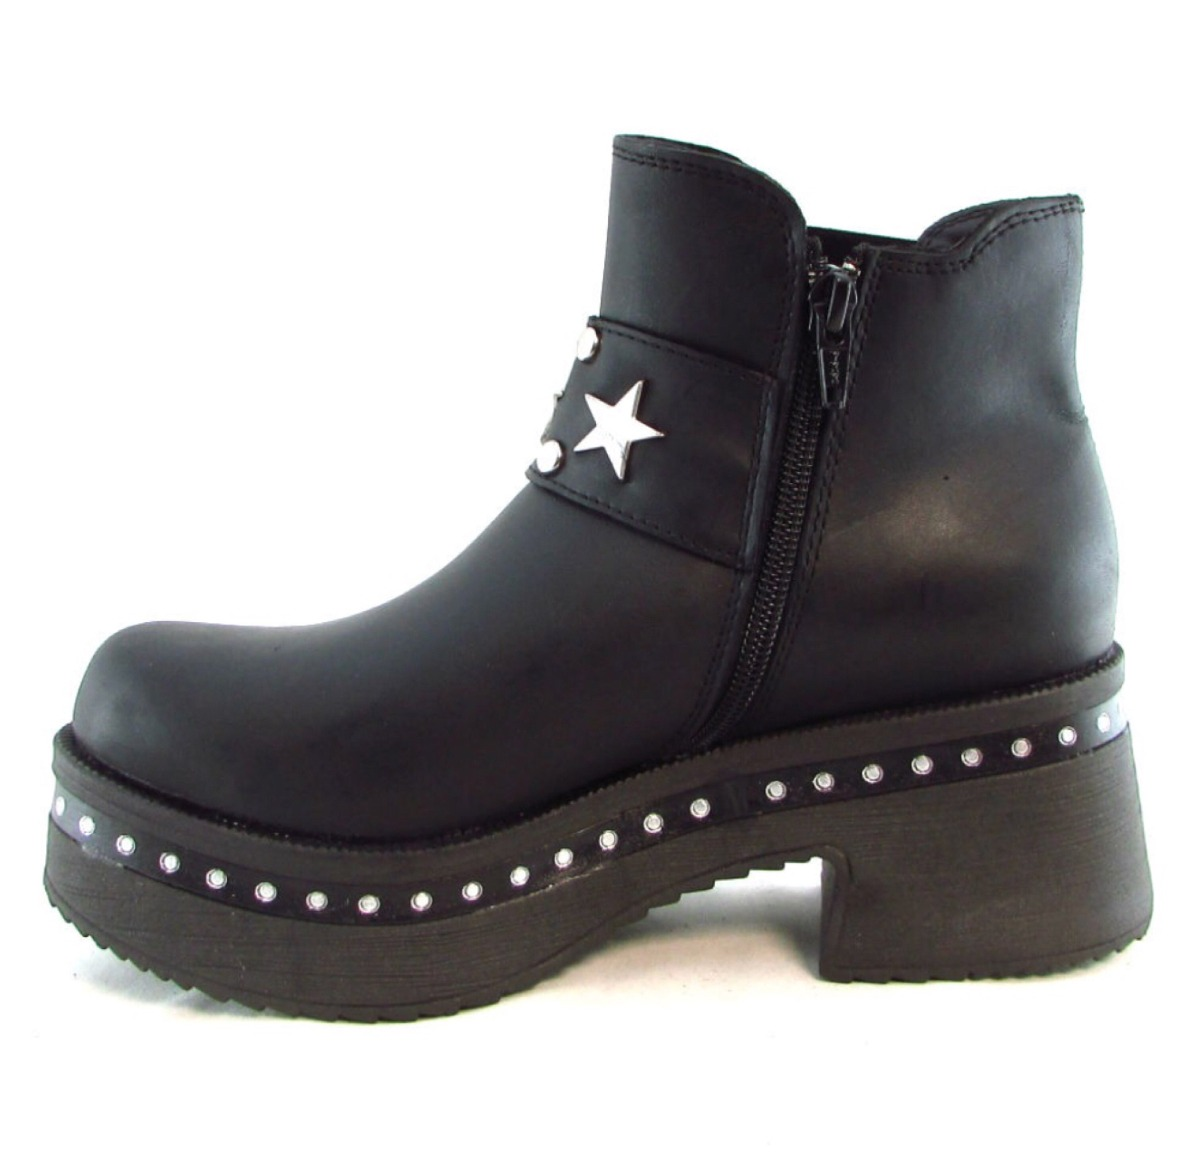 botas borcegos tachas zapatos cuero mujer invierno hot sale. Cargando zoom. a365d6bb1eb6